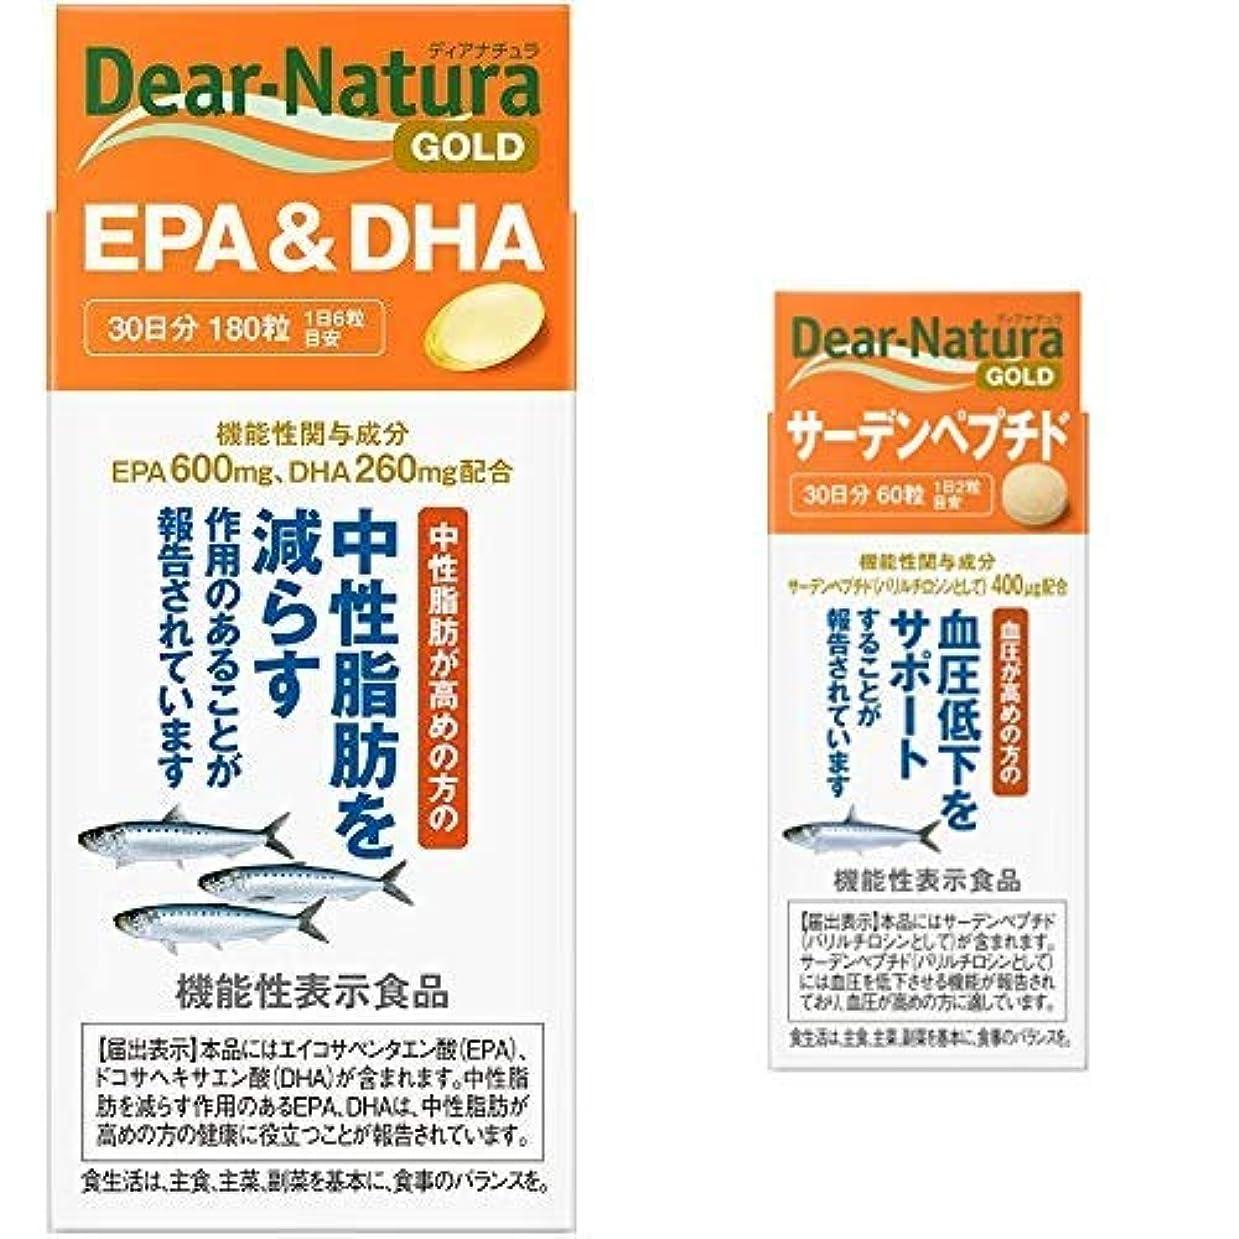 ラフ睡眠自発的製造【セット買い】ディアナチュラゴールド EPA&DHA 30日分 [機能性表示食品] & サーデンペプチド 30日分 [機能性表示食品]